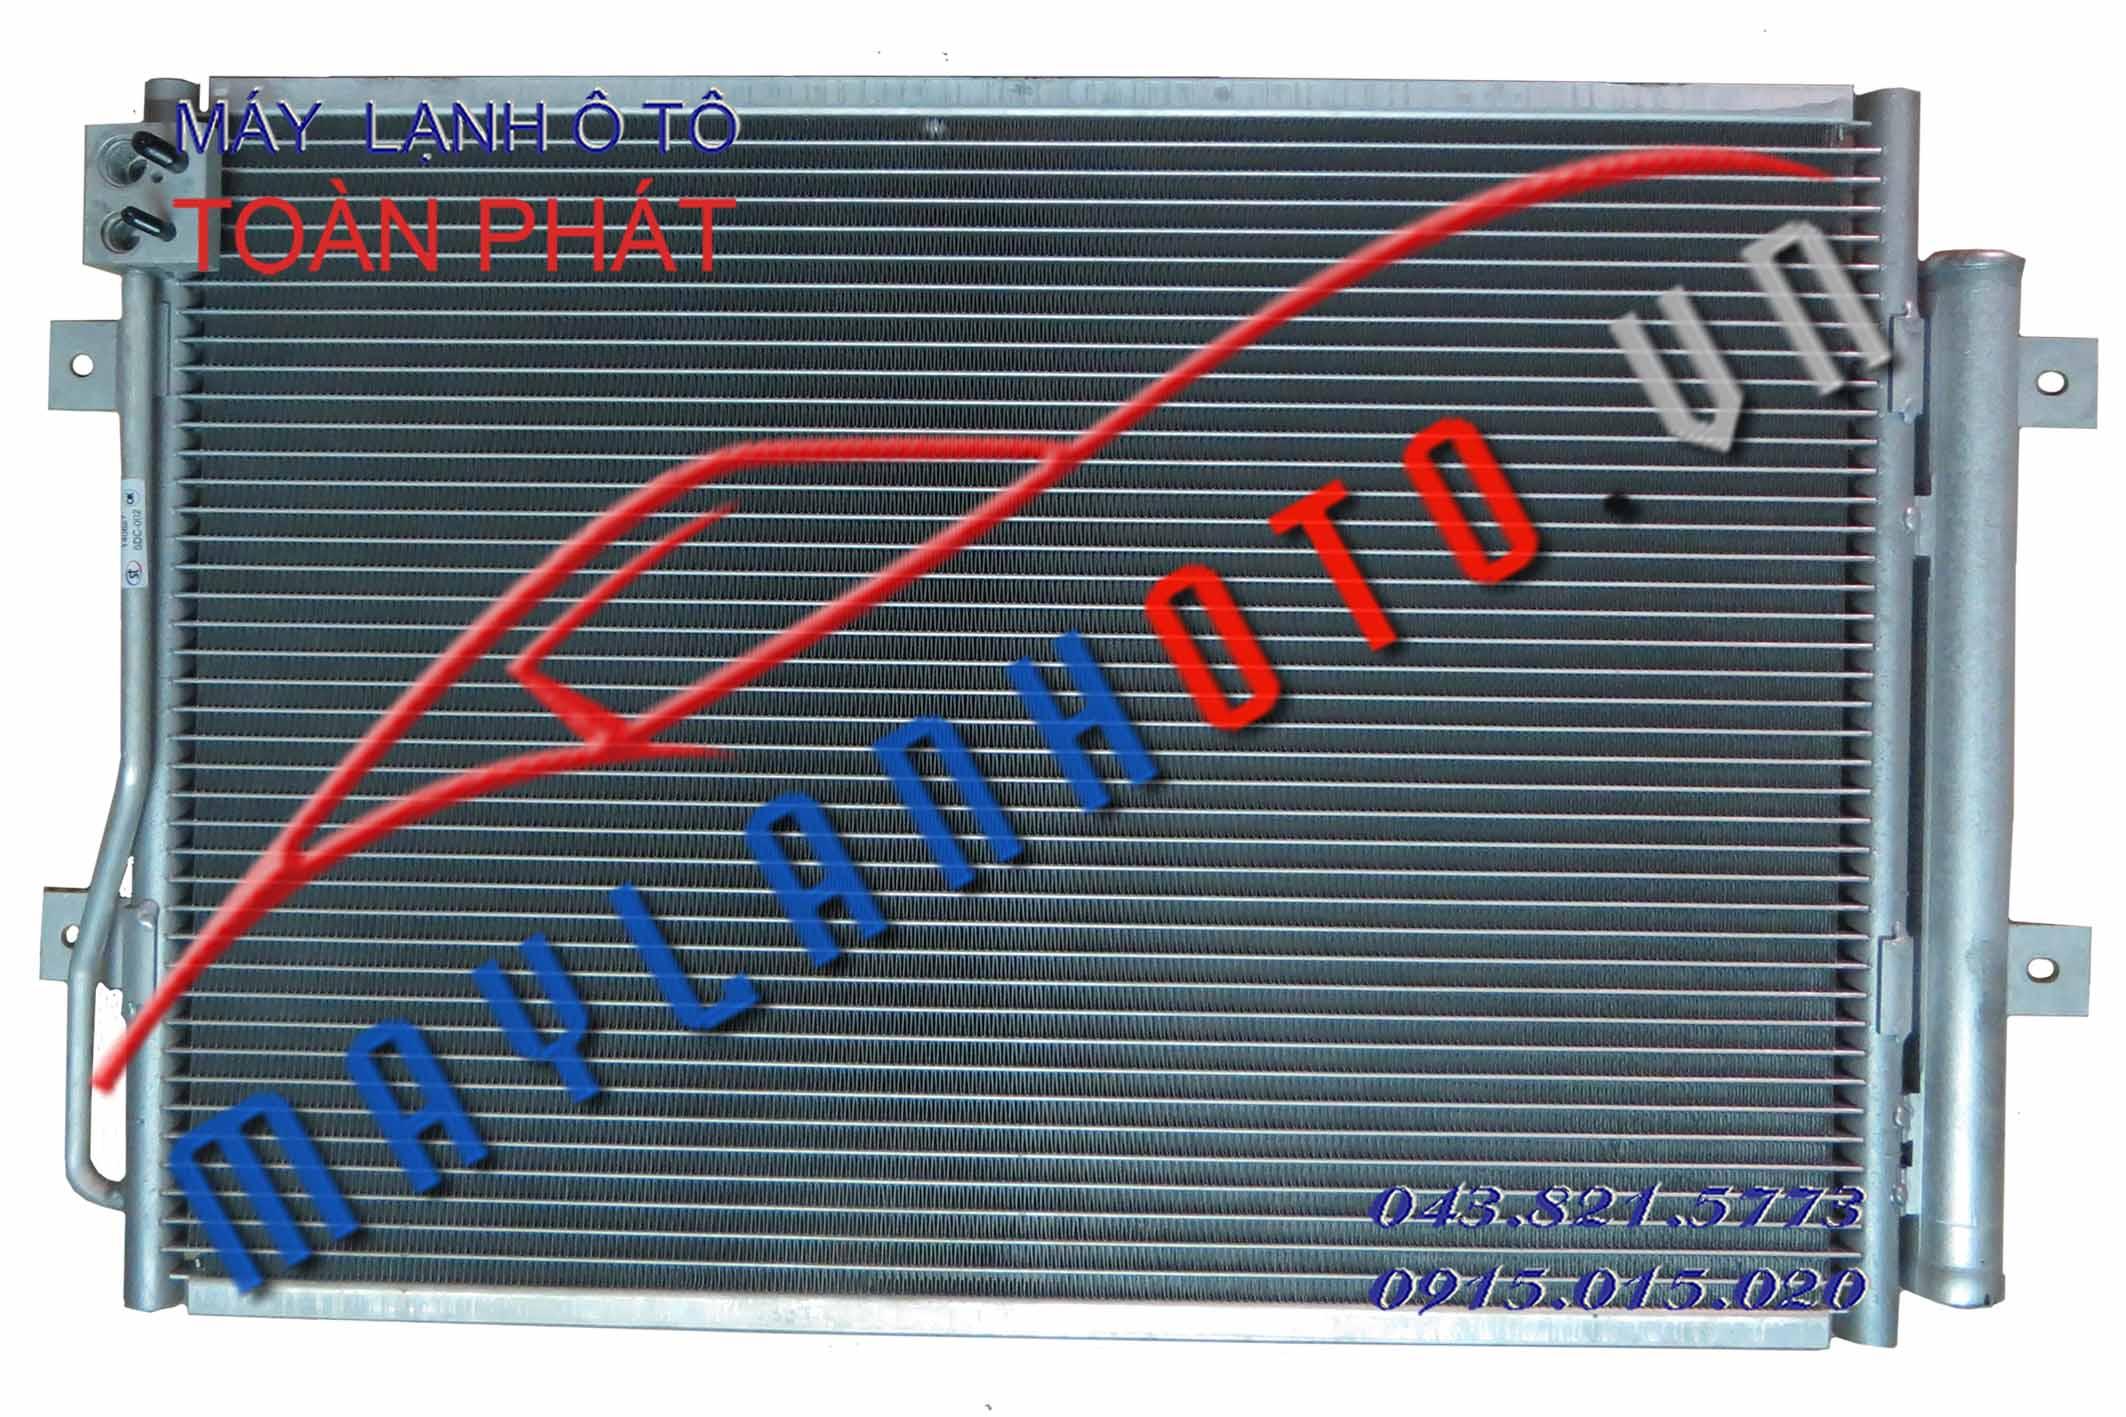 15-24 Tấn (mặt bích liền) / Giàn nóng điều hòa Hyundai 15-24 tấn / Dàn nóng điều hòa Hyundai 15-24 tấn